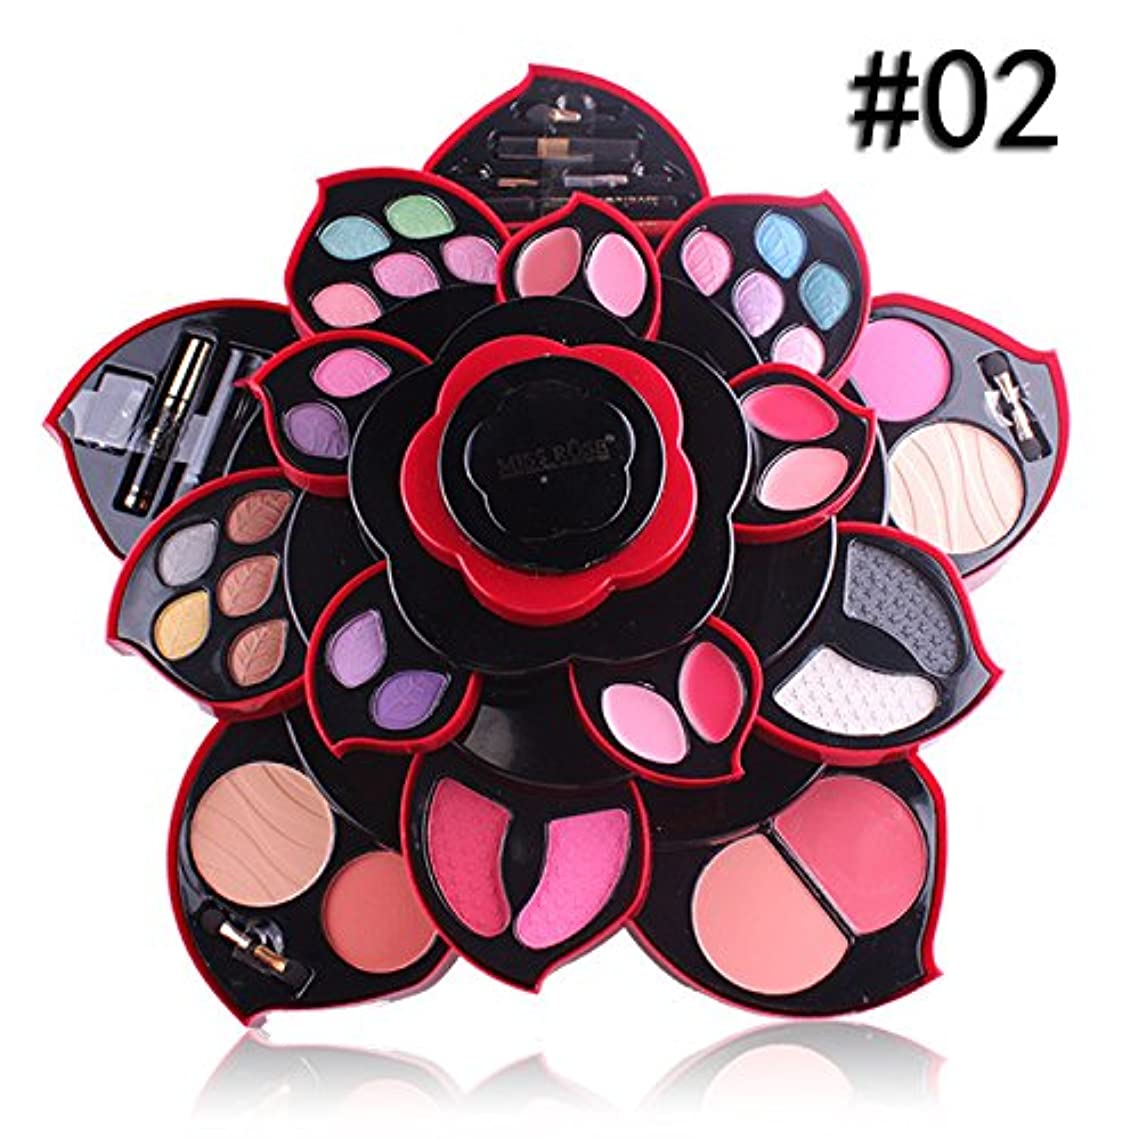 お手入れ高さ均等にビューティー アイシャドー BOBOGOJP アイシャドウセット ファッション 23色 梅の花デザイン メイクボックス 回転多機能化粧品 プロ化粧師 メイクの達人 プレゼント (B)